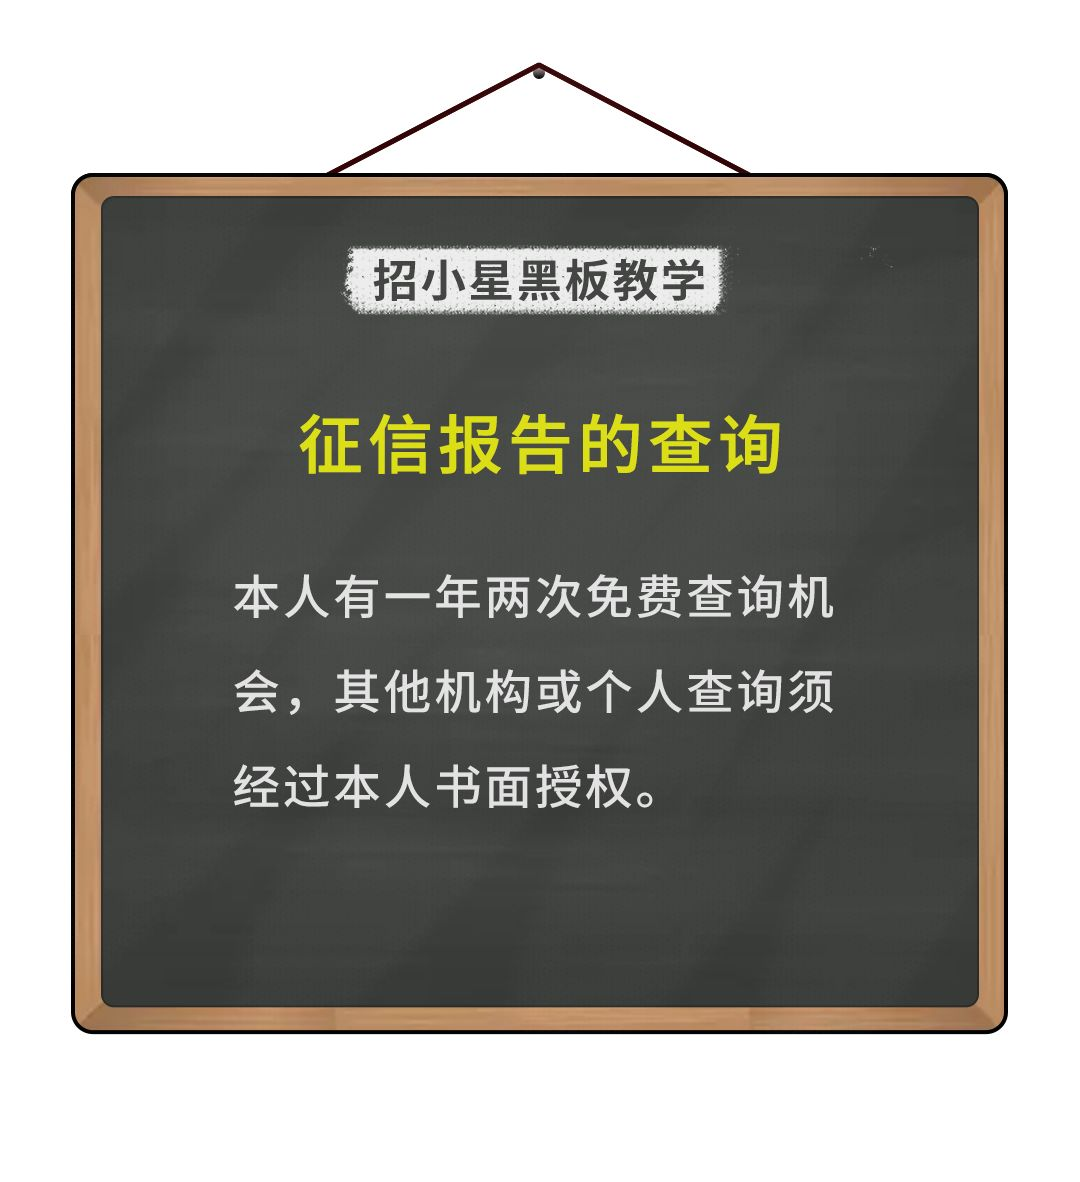 不良信用记录包括哪些(个人如何查询不良信用记录)-菏泽刑事律师电话免费咨询